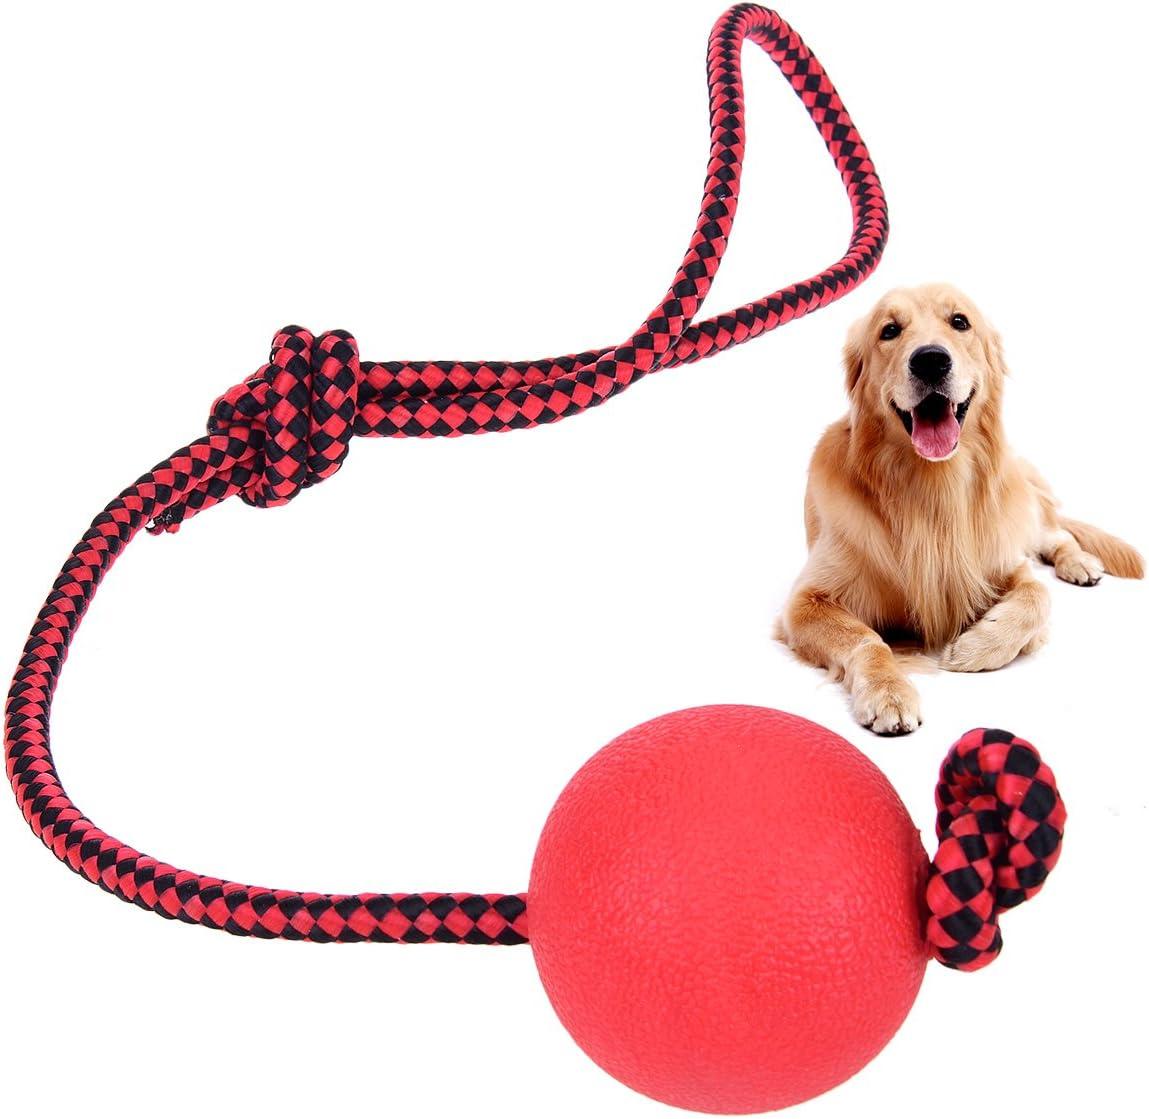 Prologfer - Pelota de goma maciza con cuerda de bola de goma para mascotas con cuerda de entrenamiento para hacer ejercicio masticar dentición para perros y gatos de tamaño pequeño a mediano: